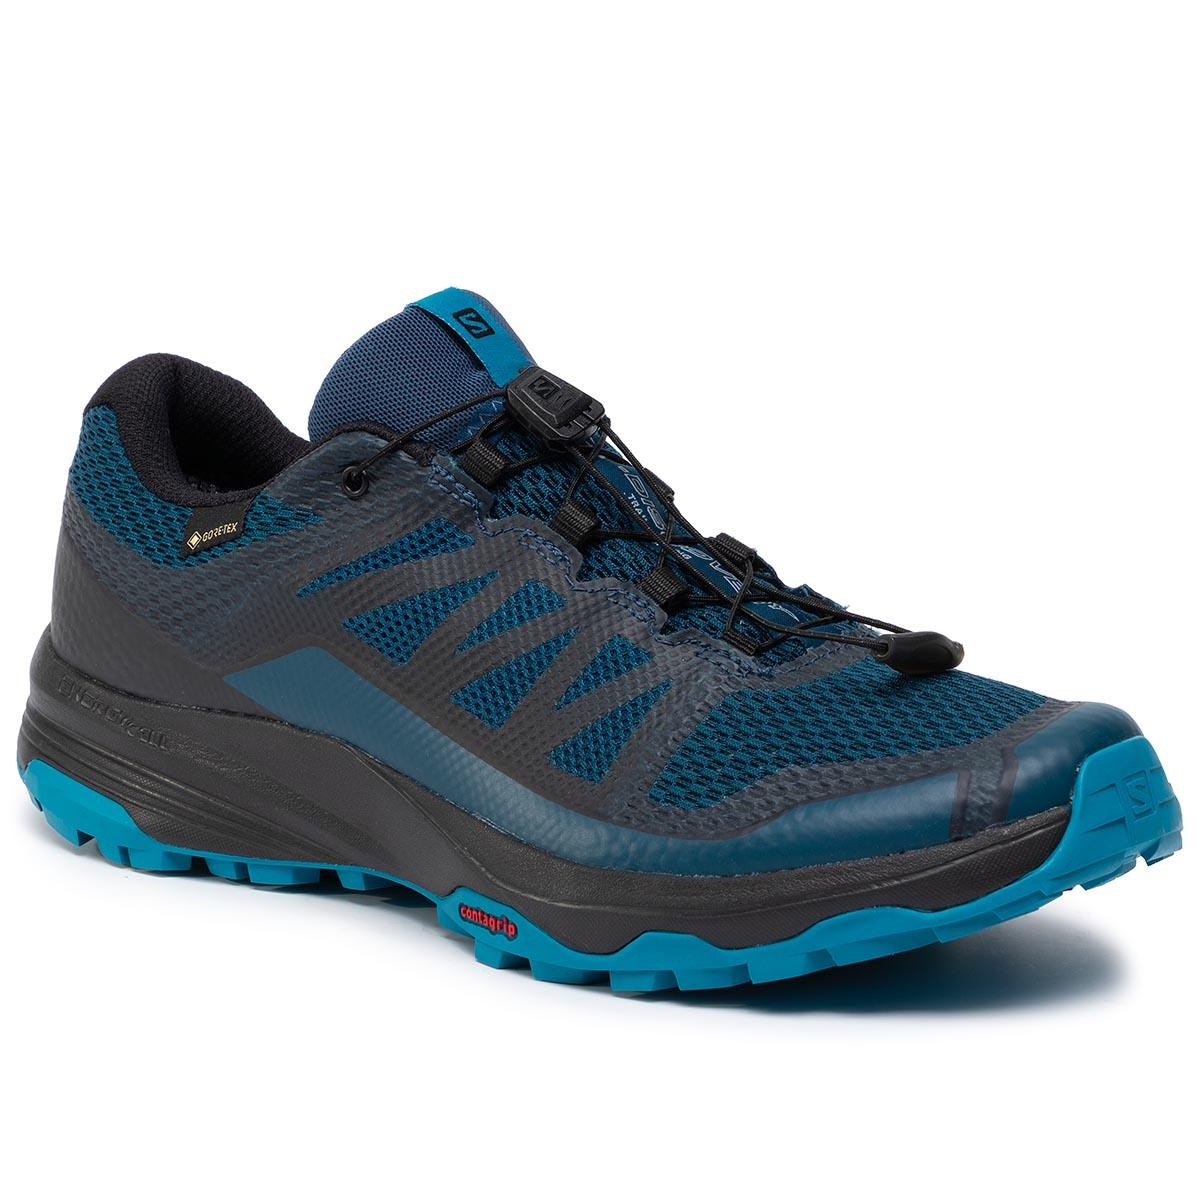 Topánky SALOMON - Xa Discovery Gtx GORE-TEX 409179 29 W0 Tmavo modrá